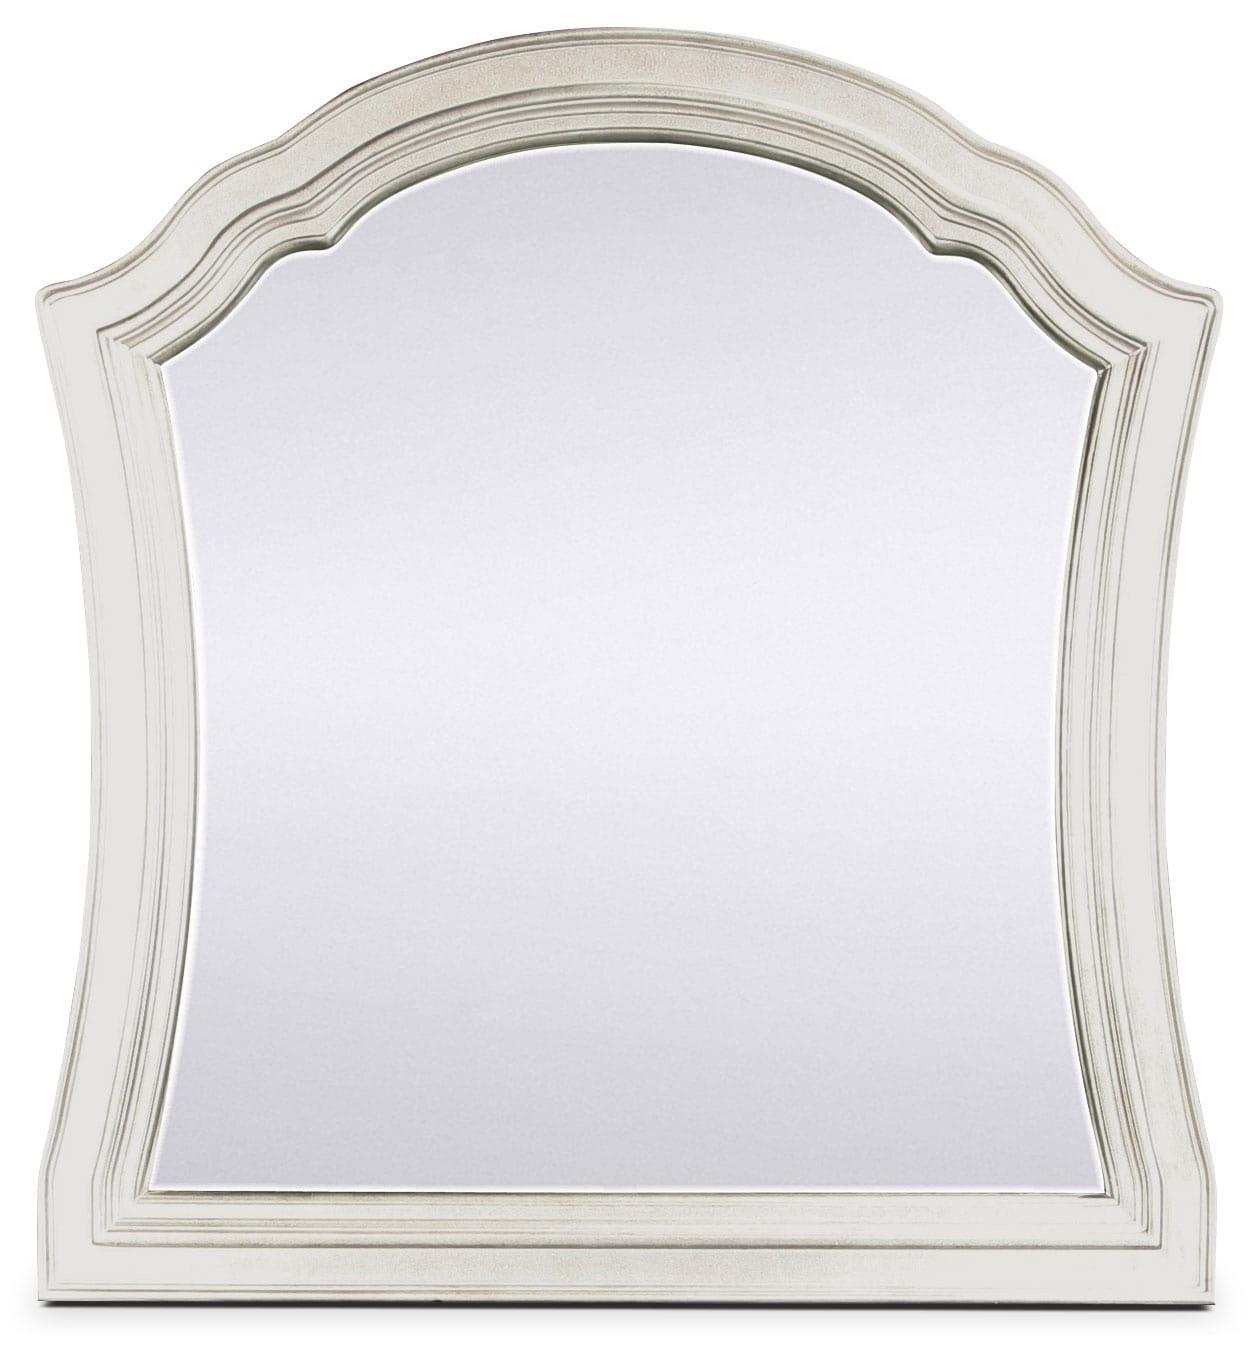 Allure Mirror - Platinum